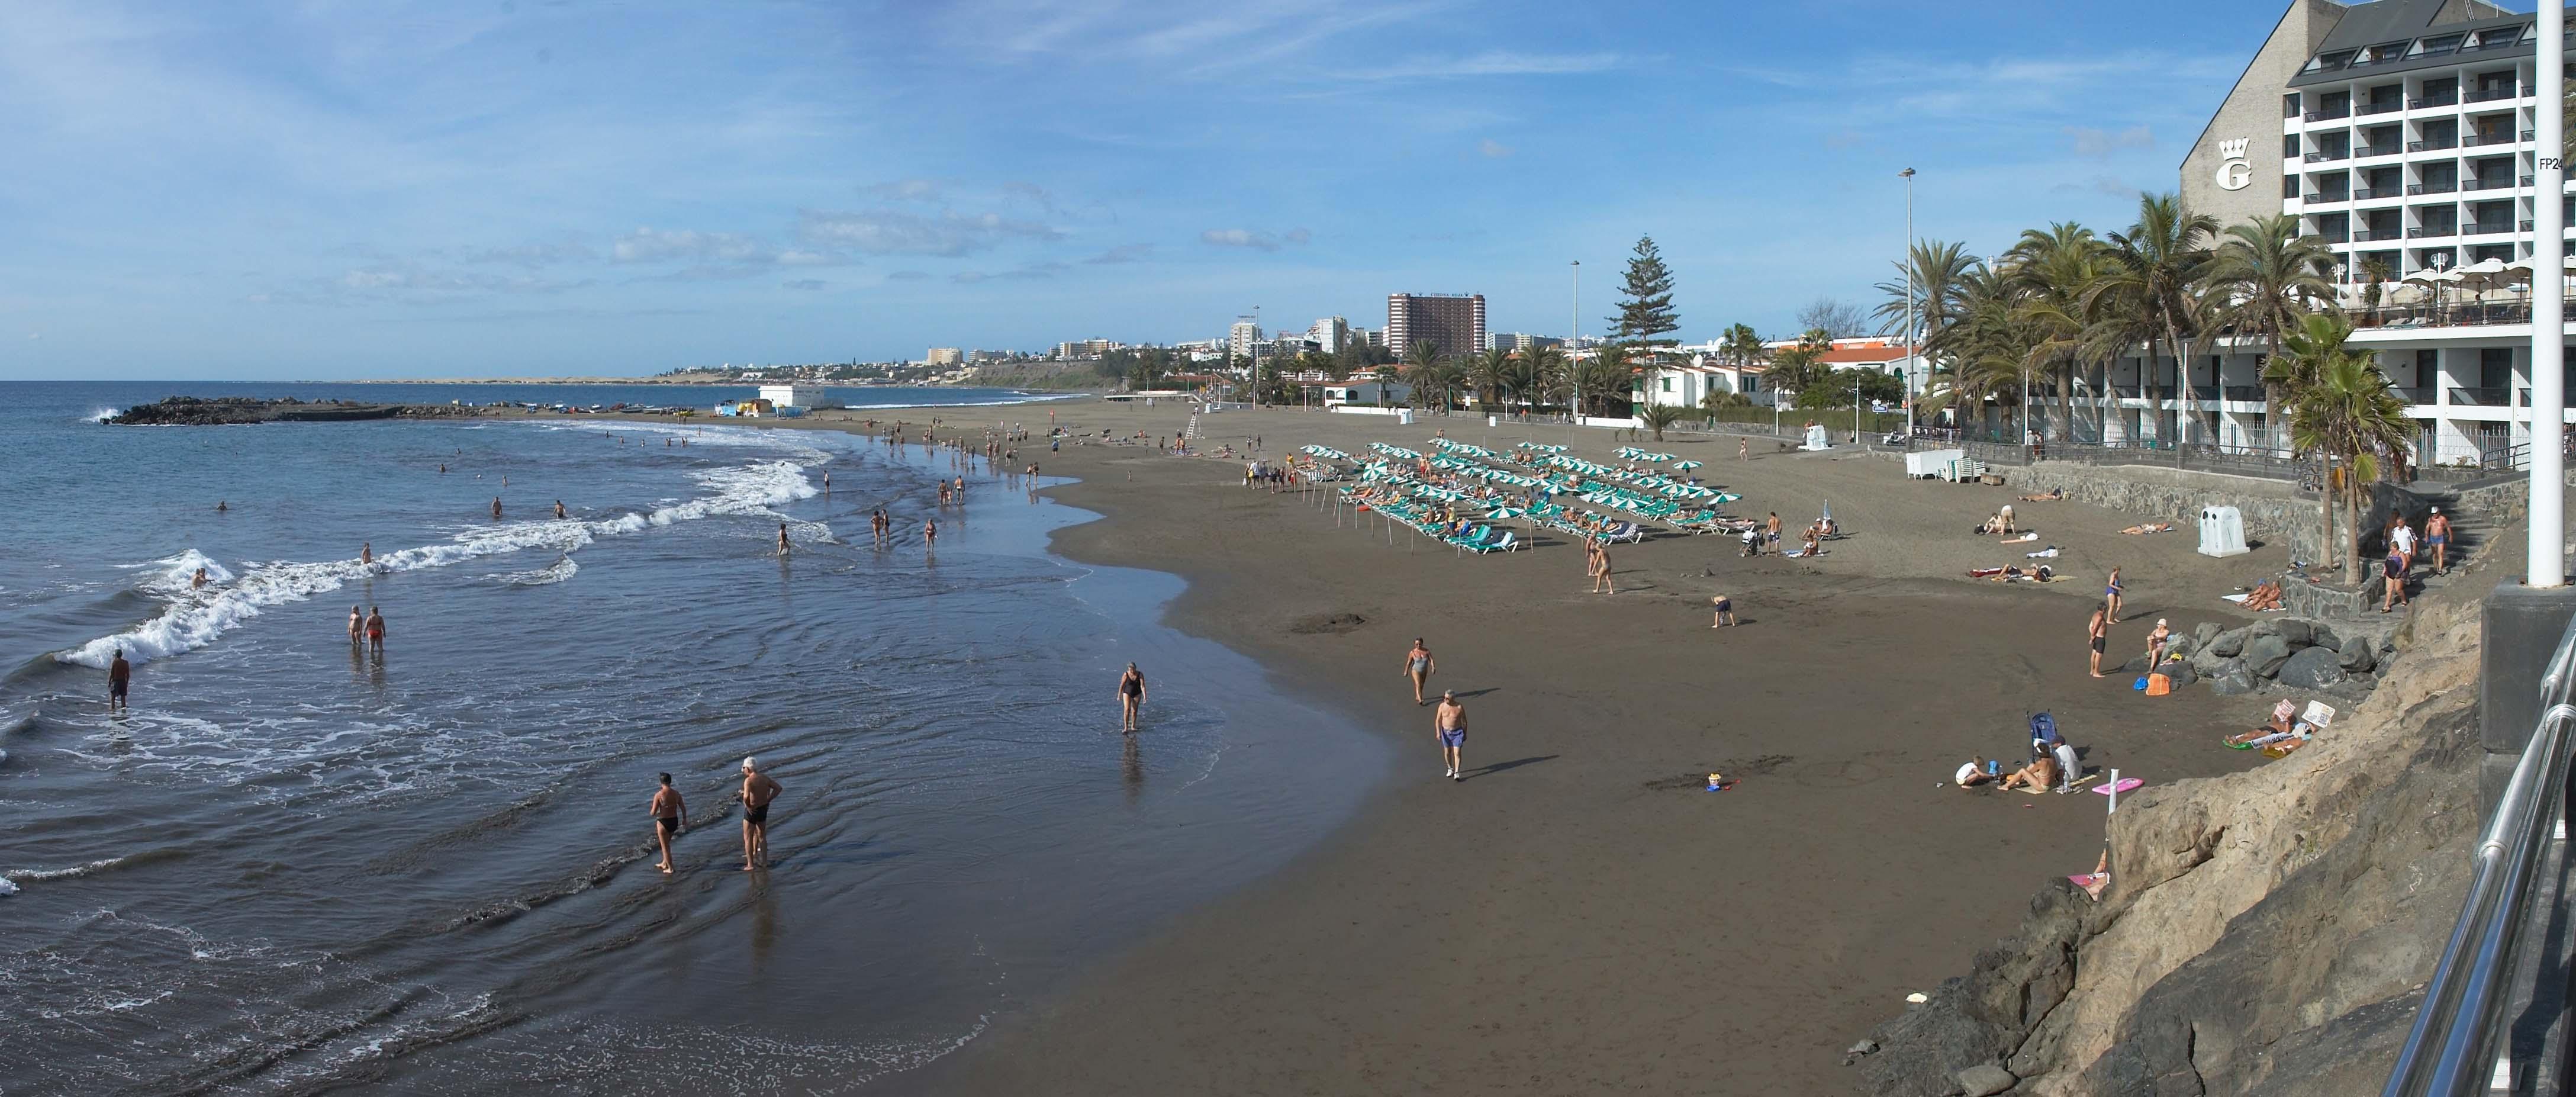 St. Augustin Gran Canaria